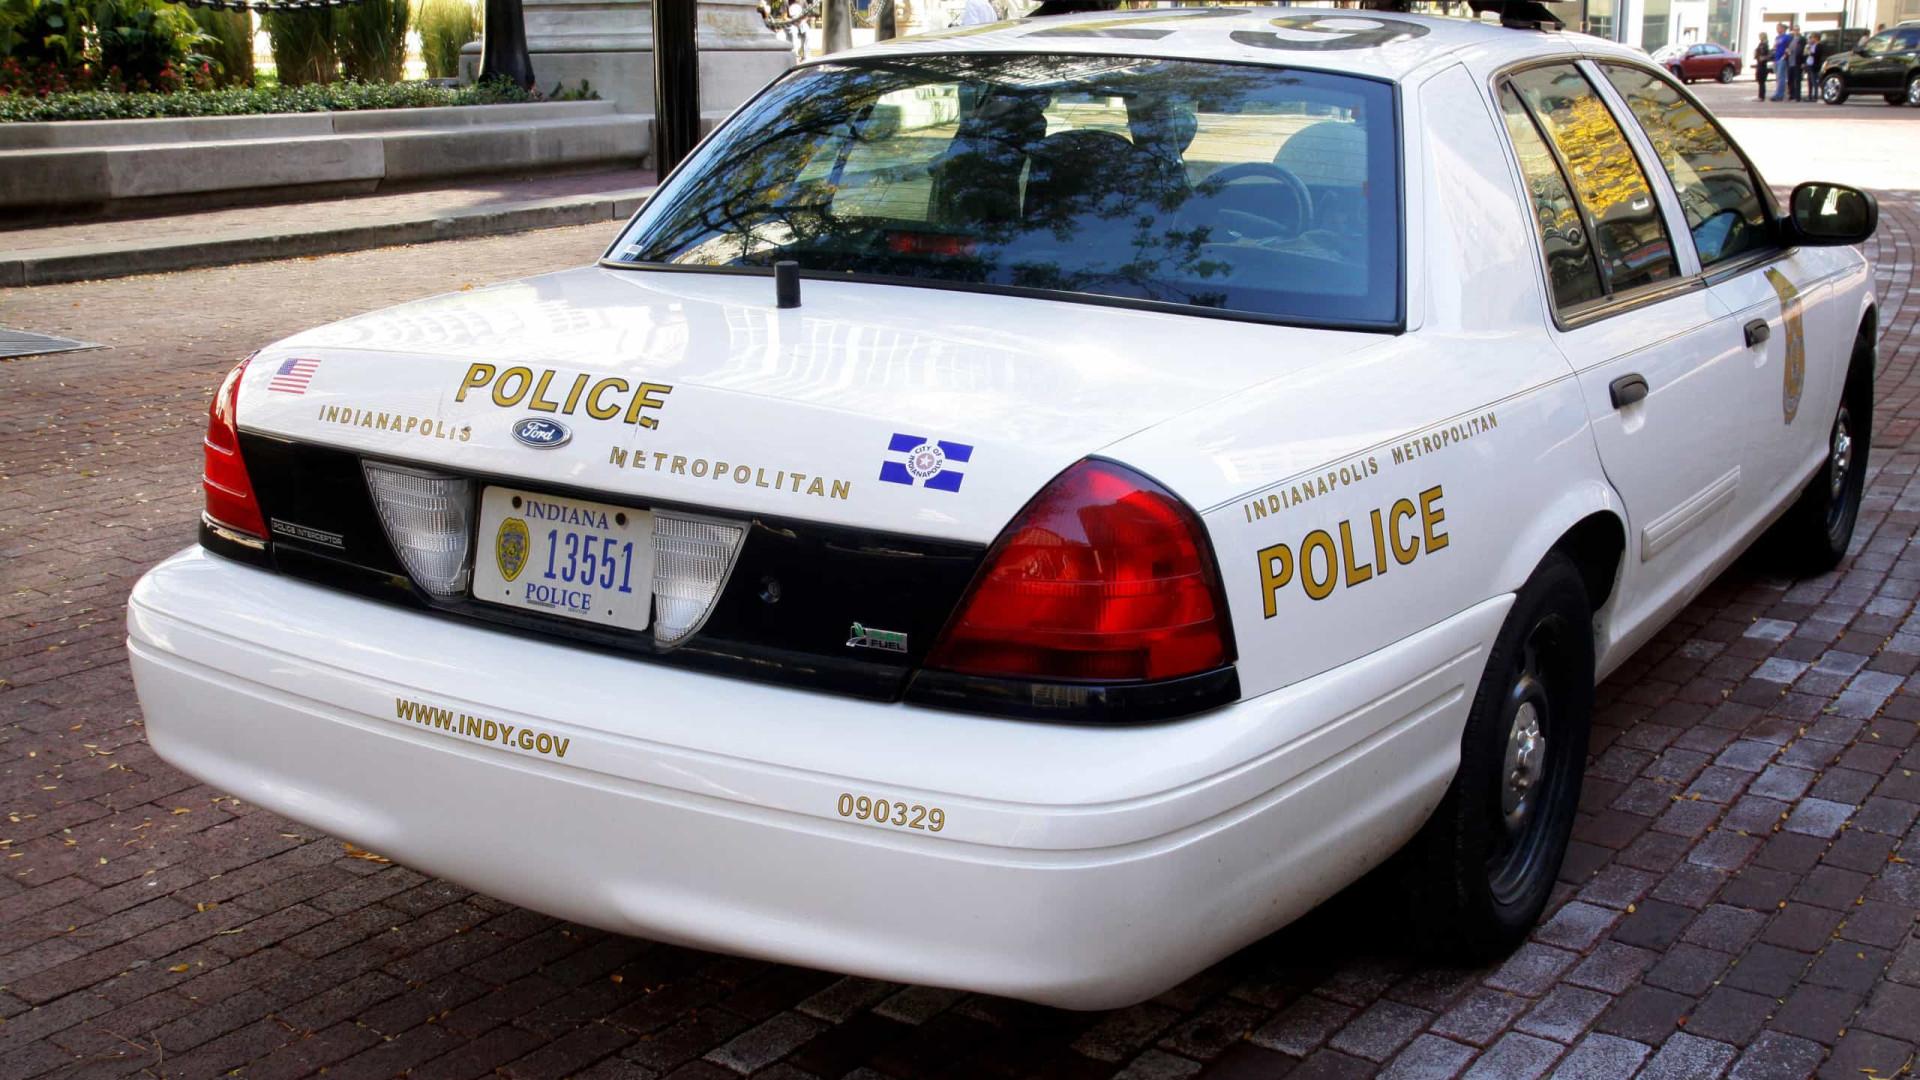 Jovem se desentende com pai e mata familiares em Indianapolis